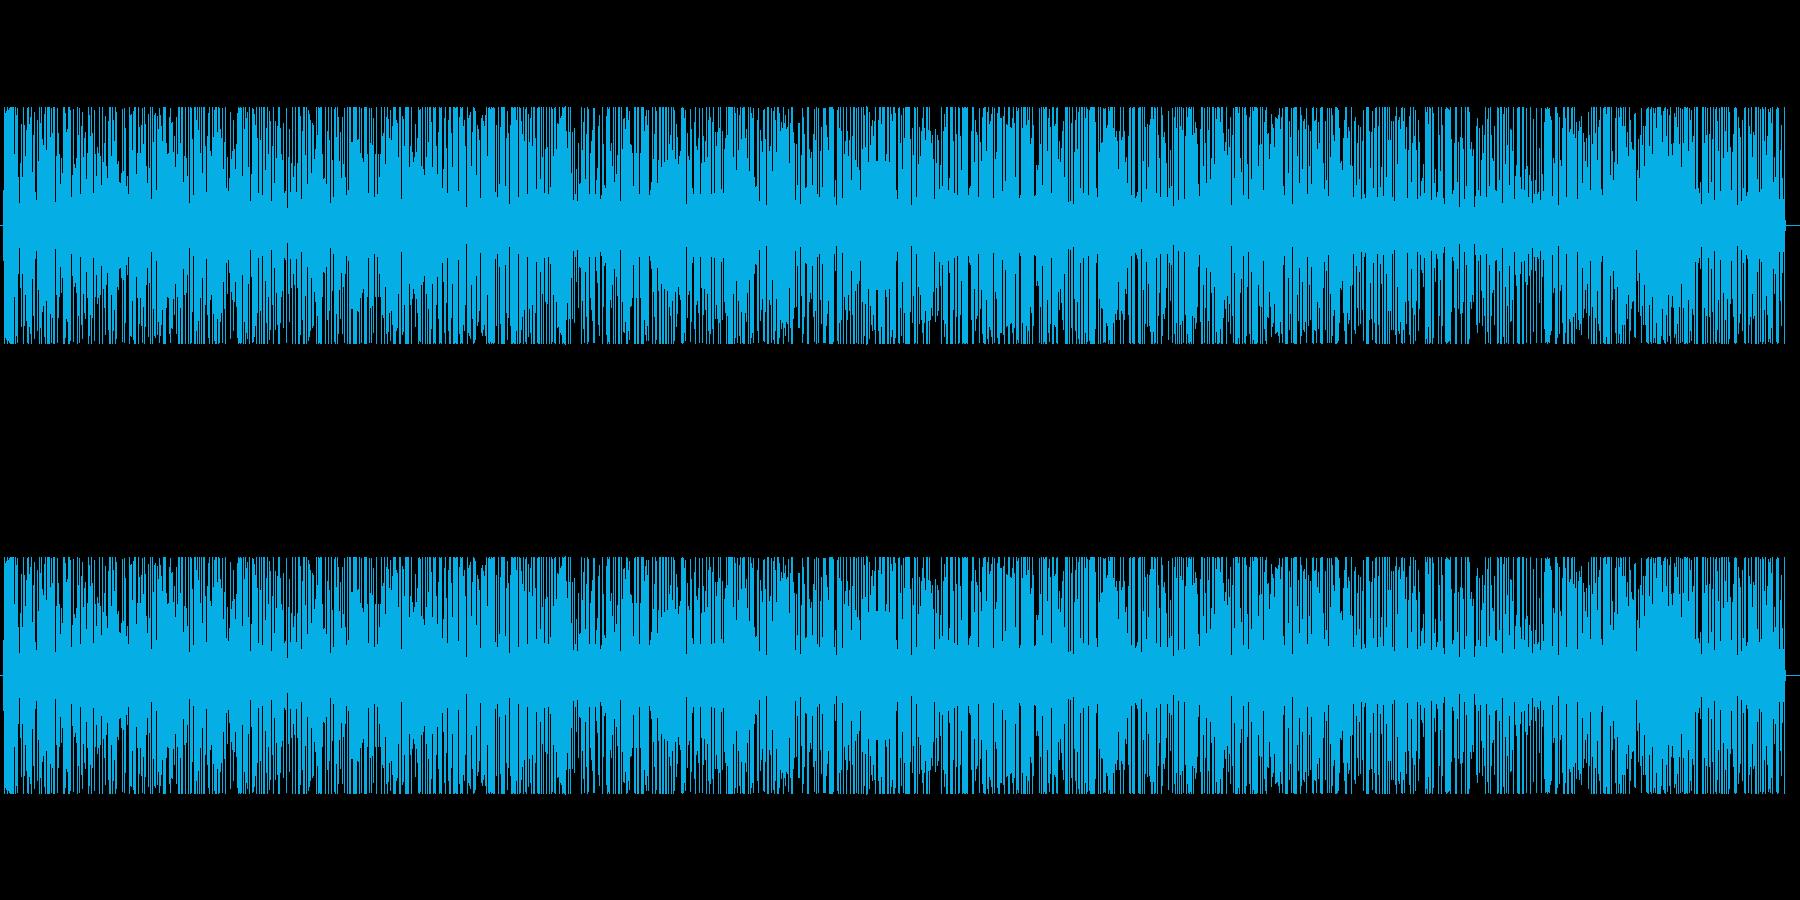 【テクスチャー 環境02-1】の再生済みの波形